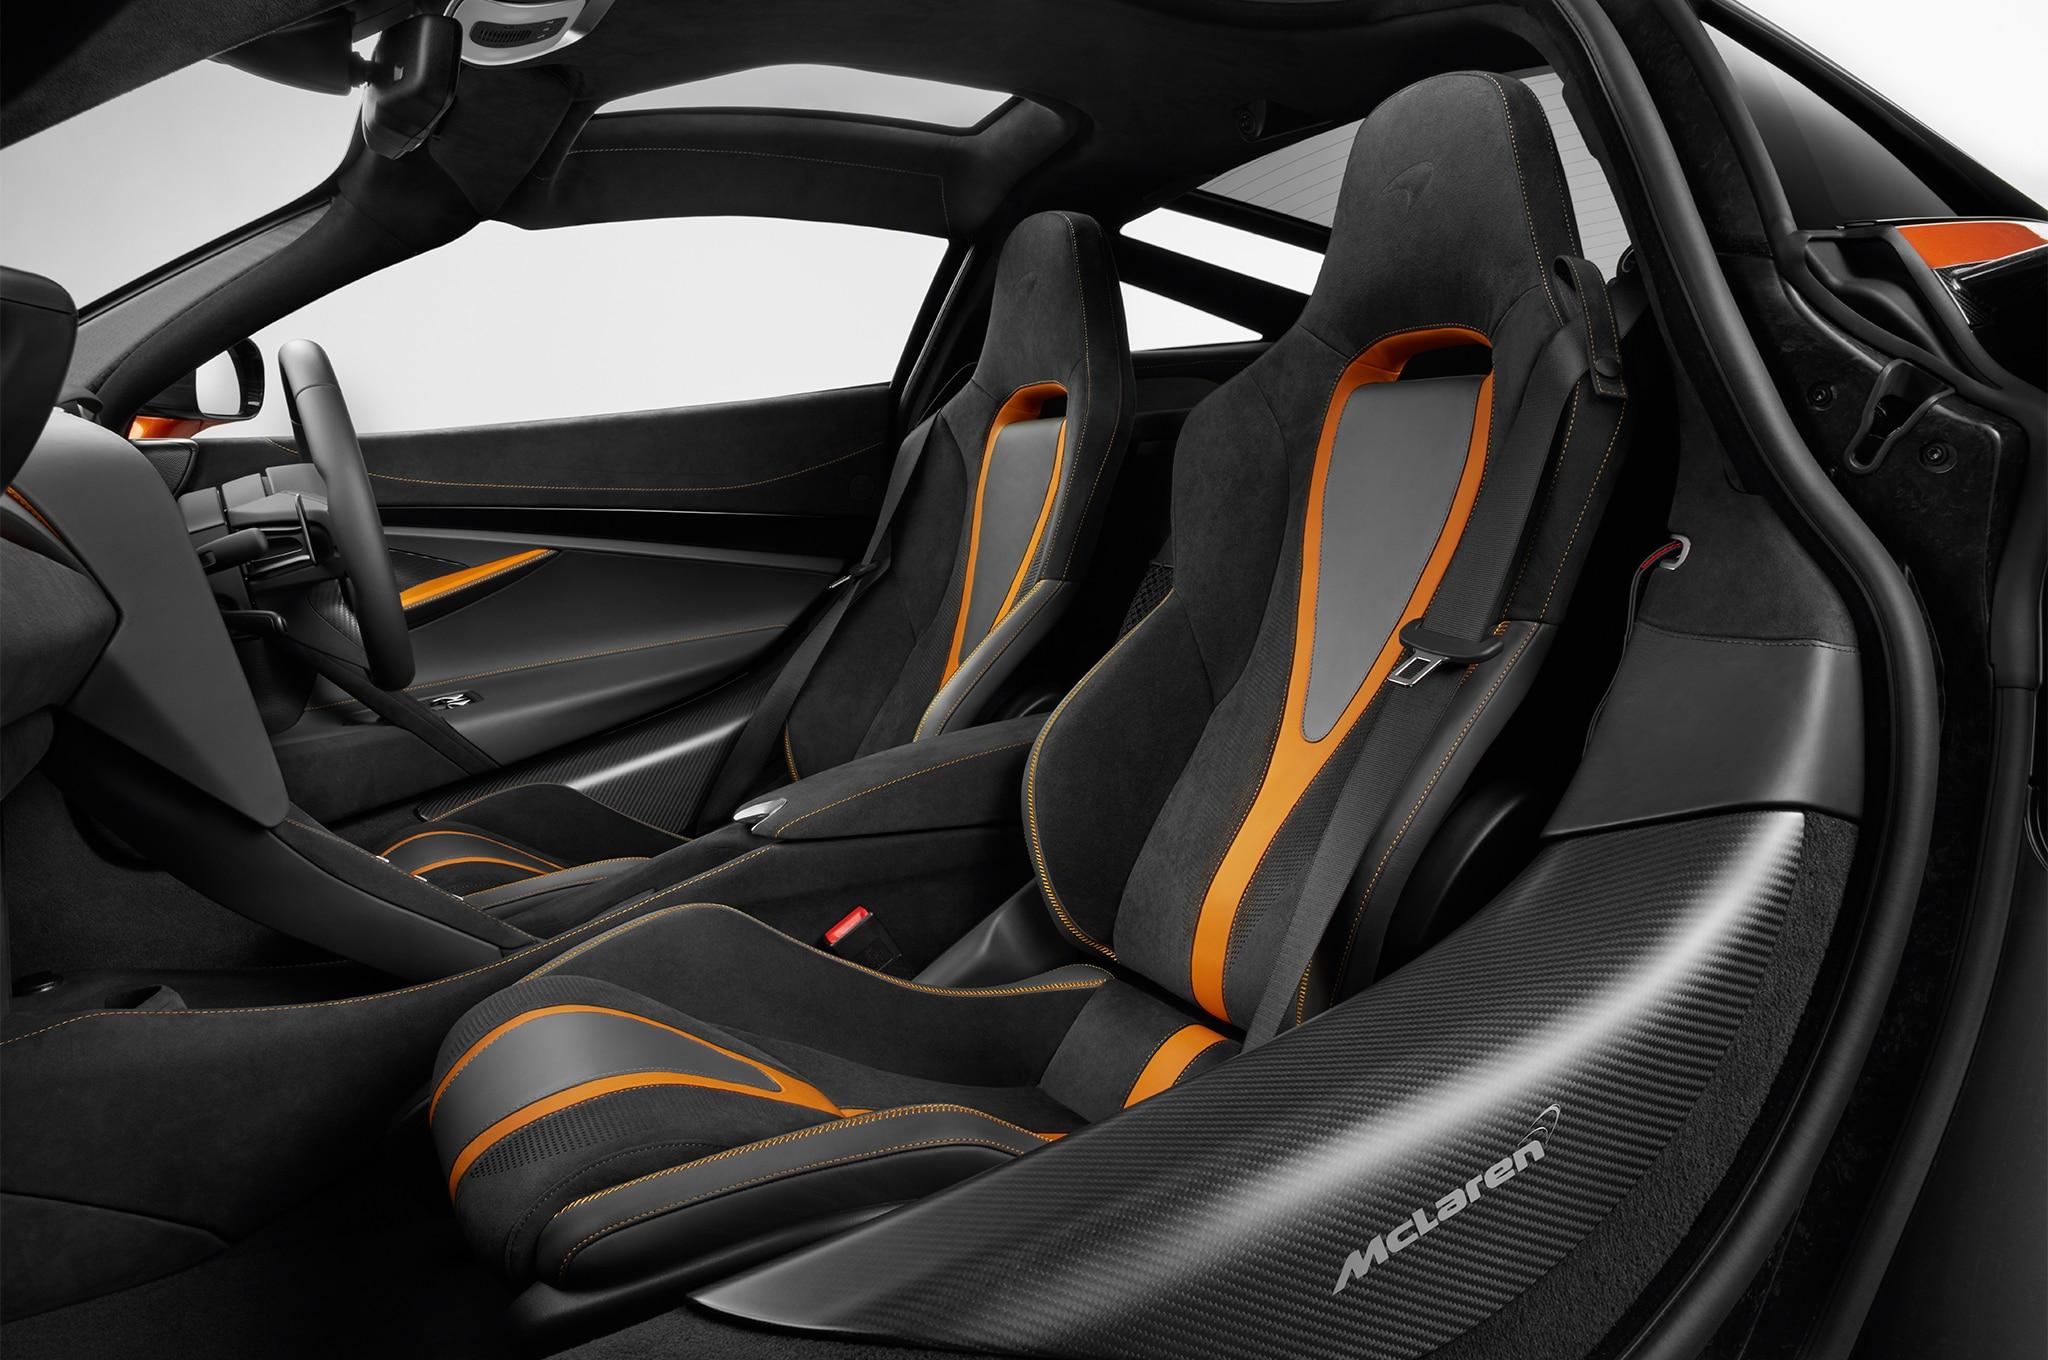 2018 McLaren 720S Front Interior